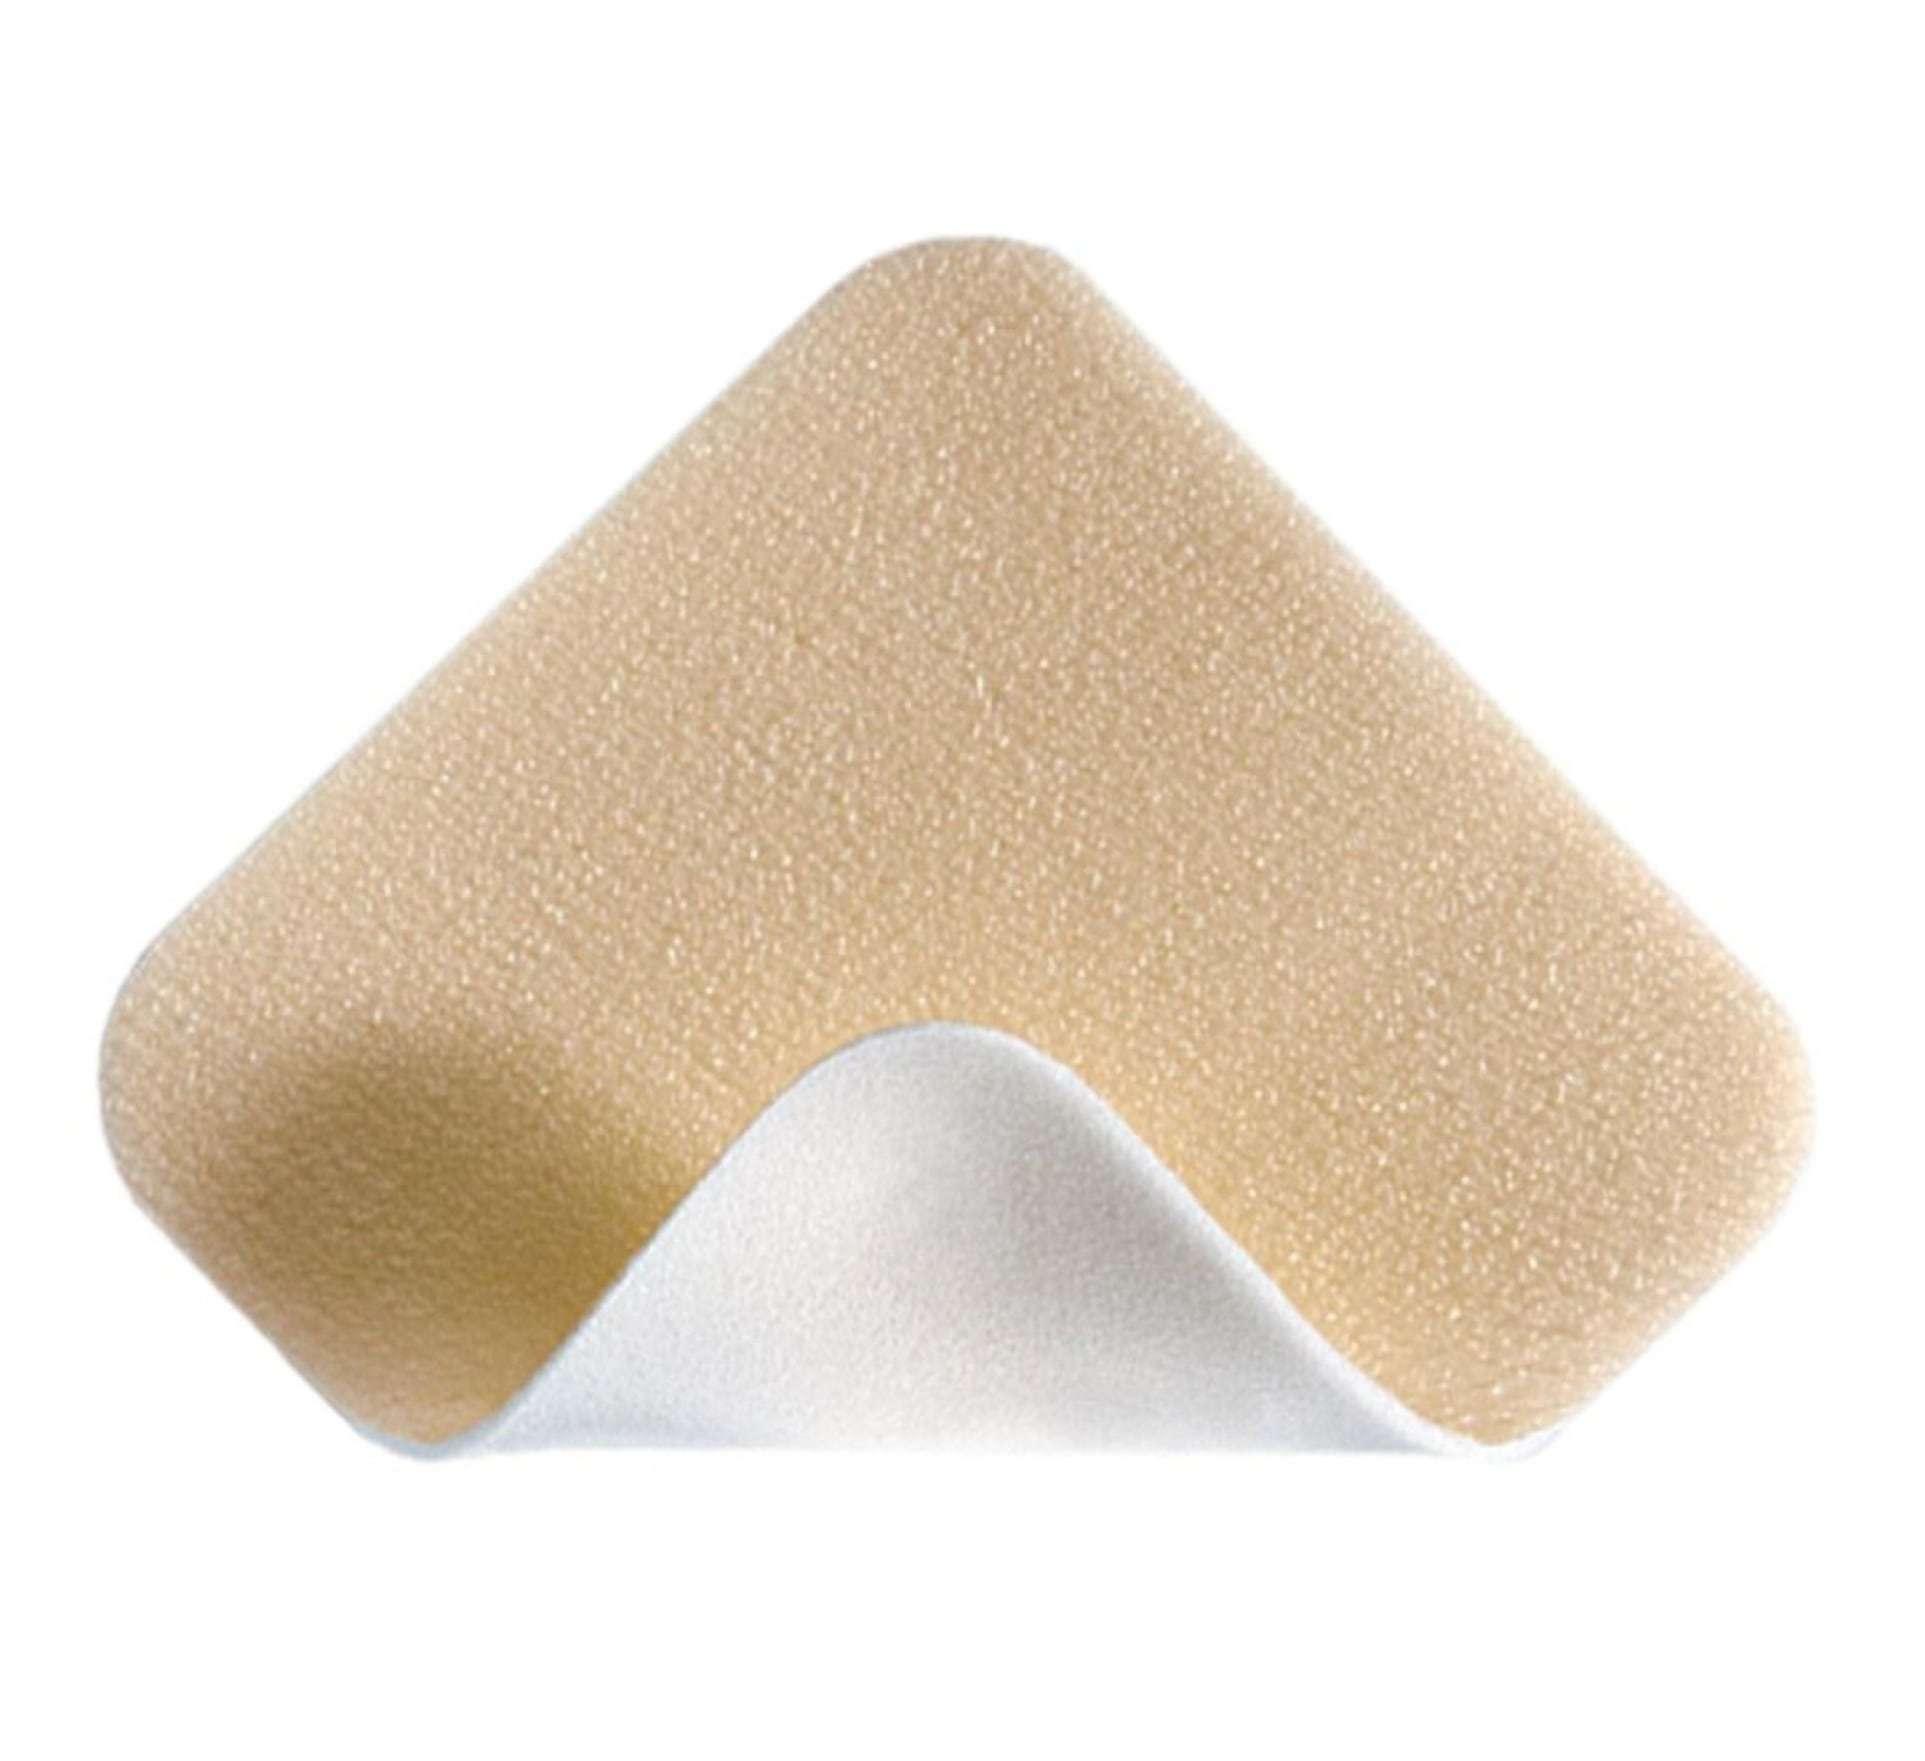 Повязка Мепилекс Лайт с силиконом 20х50 см